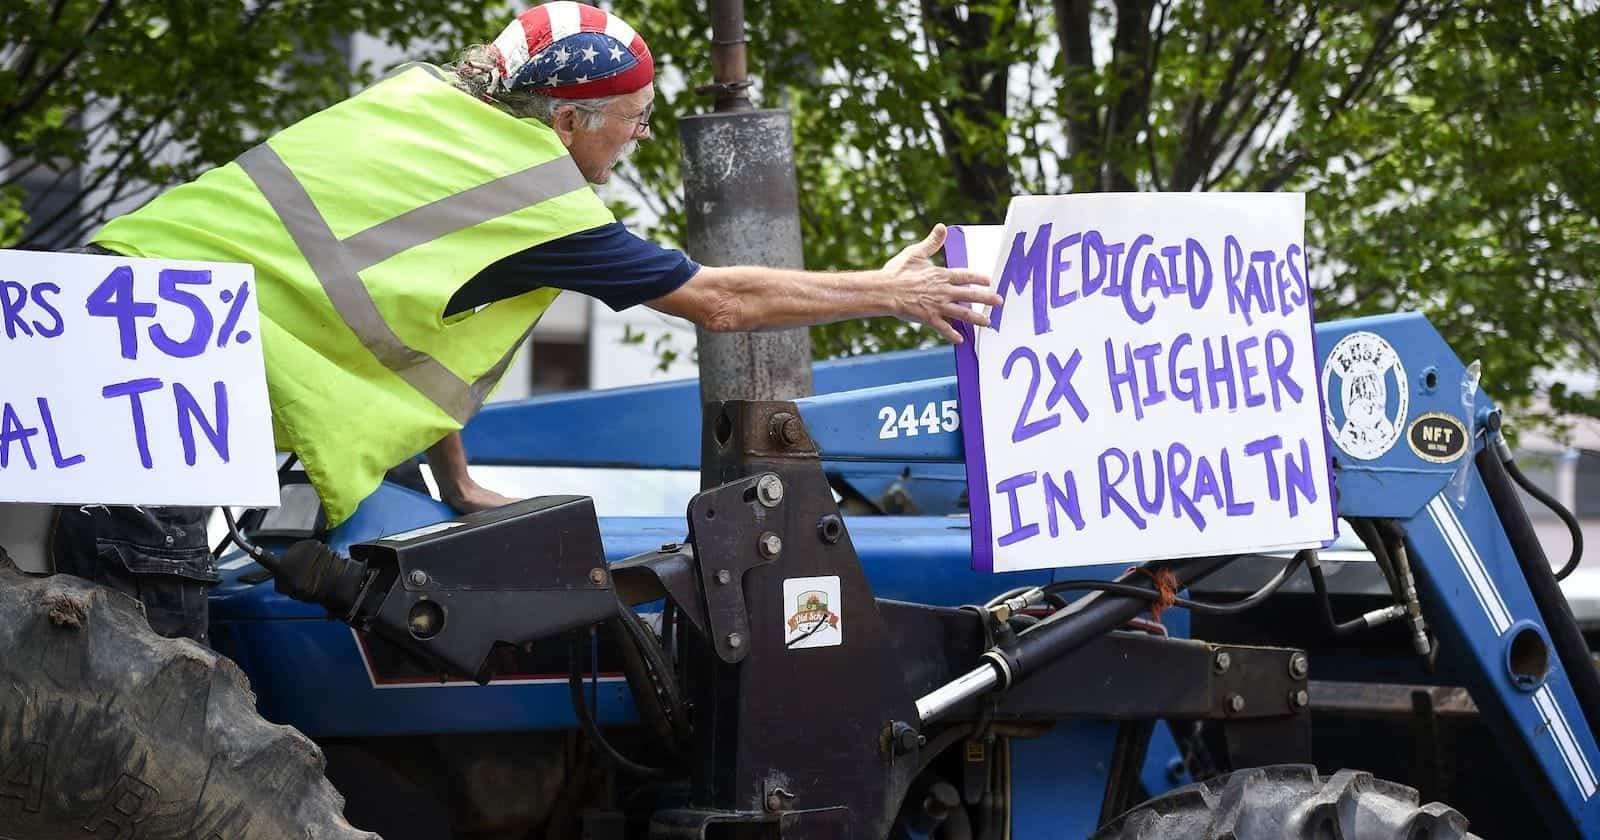 636349535520049866-nas-tractor-rural-healthcare-0082